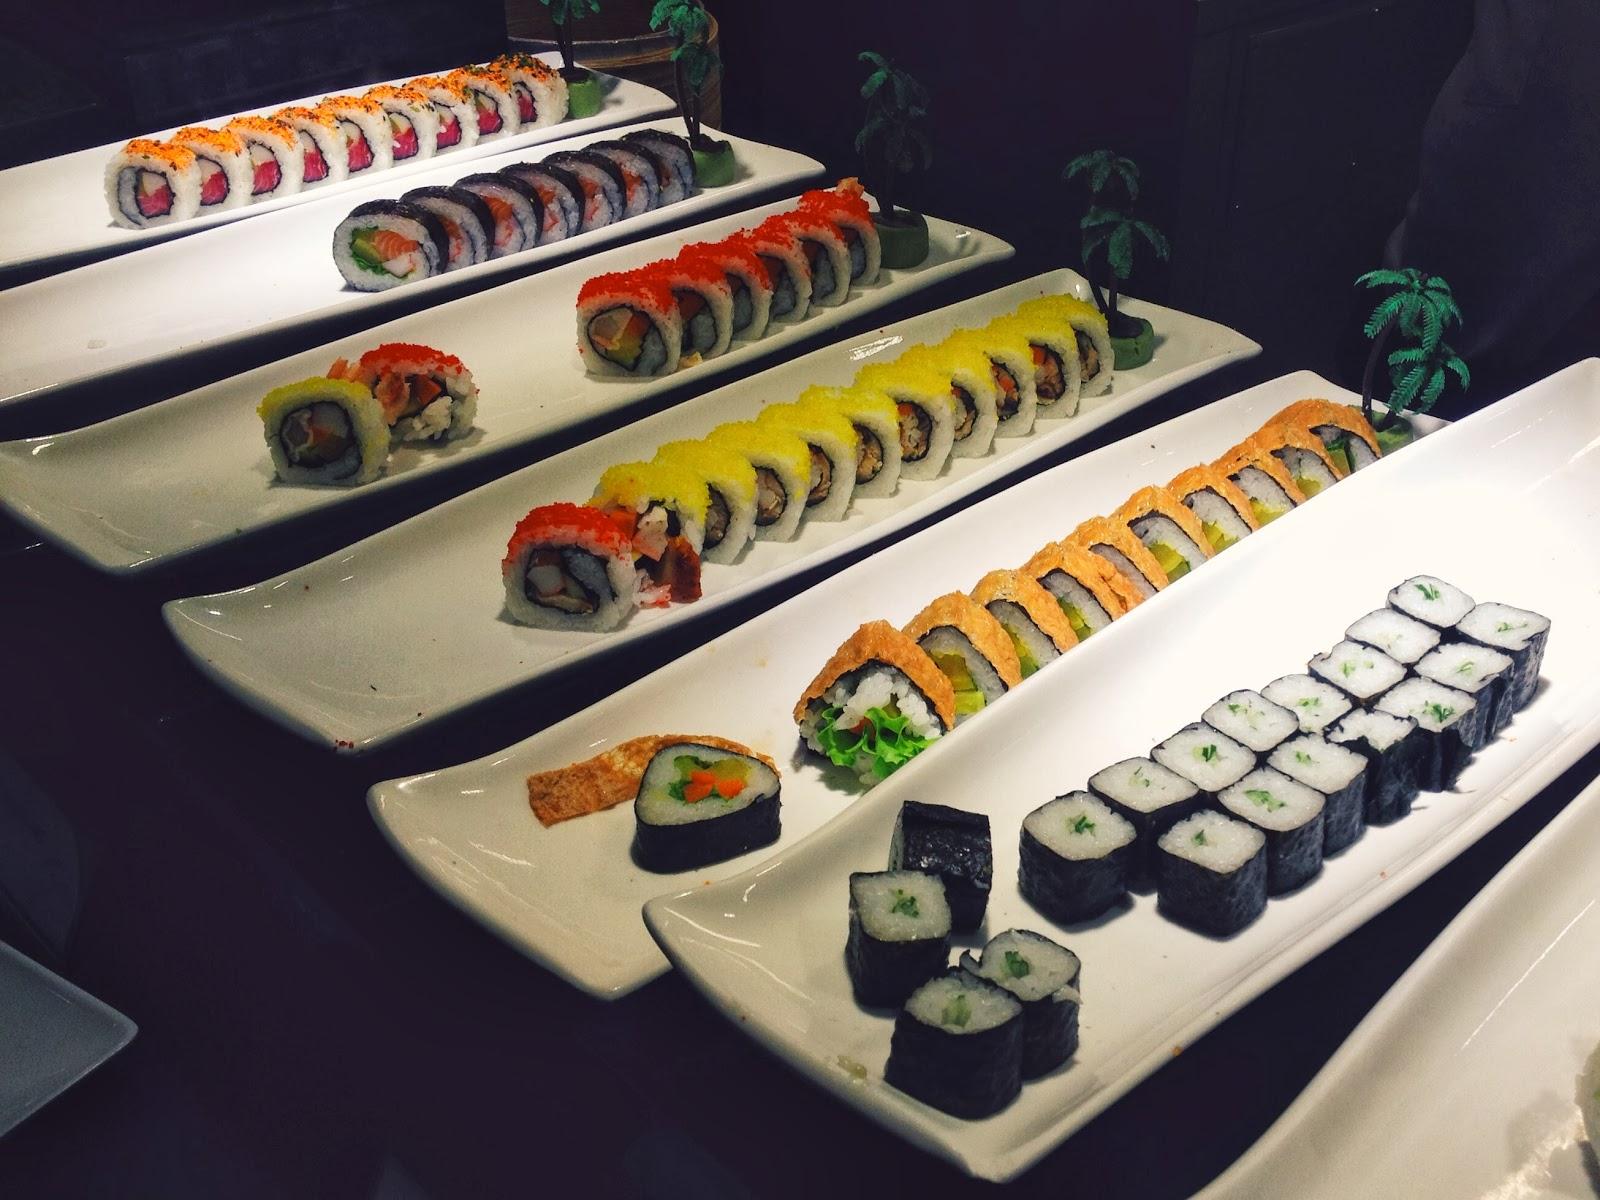 上閣屋 Jogoya Buffet Restaurant at Starhill Gallery, Kuala Lumpur, Malaysia